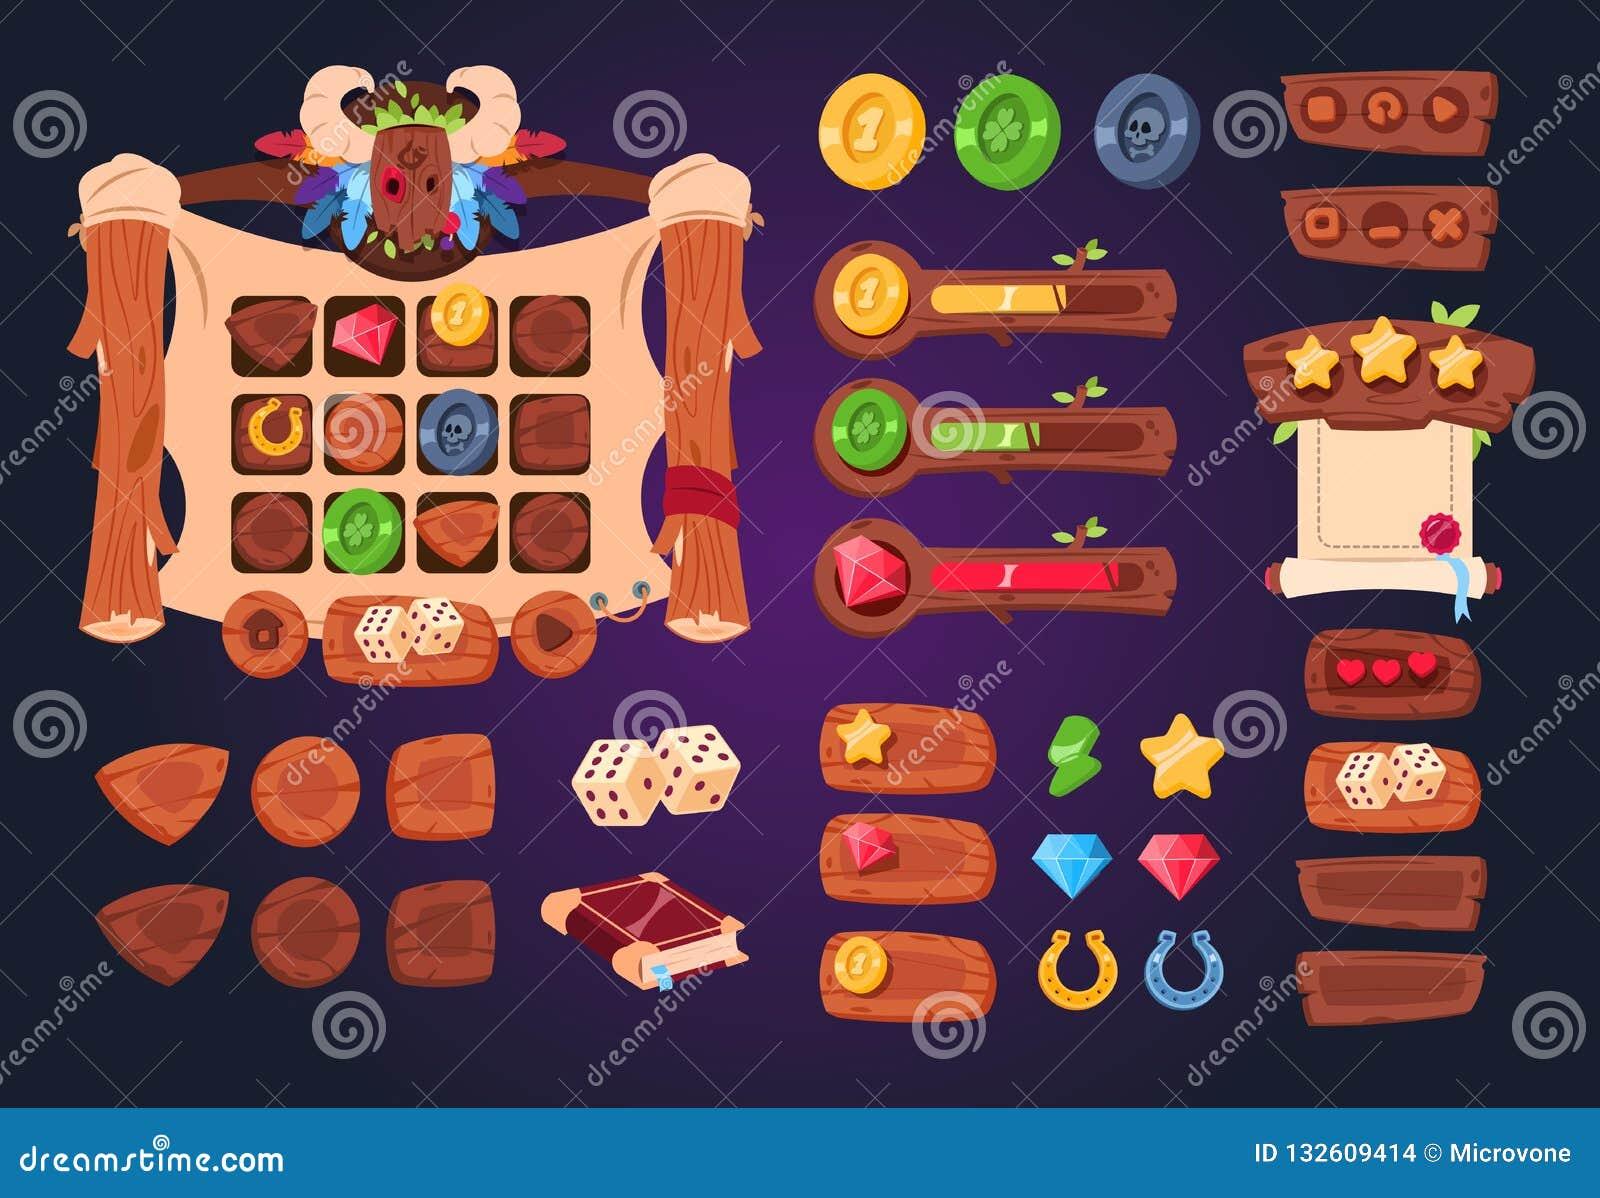 Ui do jogo dos desenhos animados Botões, slideres e ícones de madeira Conecte para 2d jogos, projeto do vetor do GUI do app